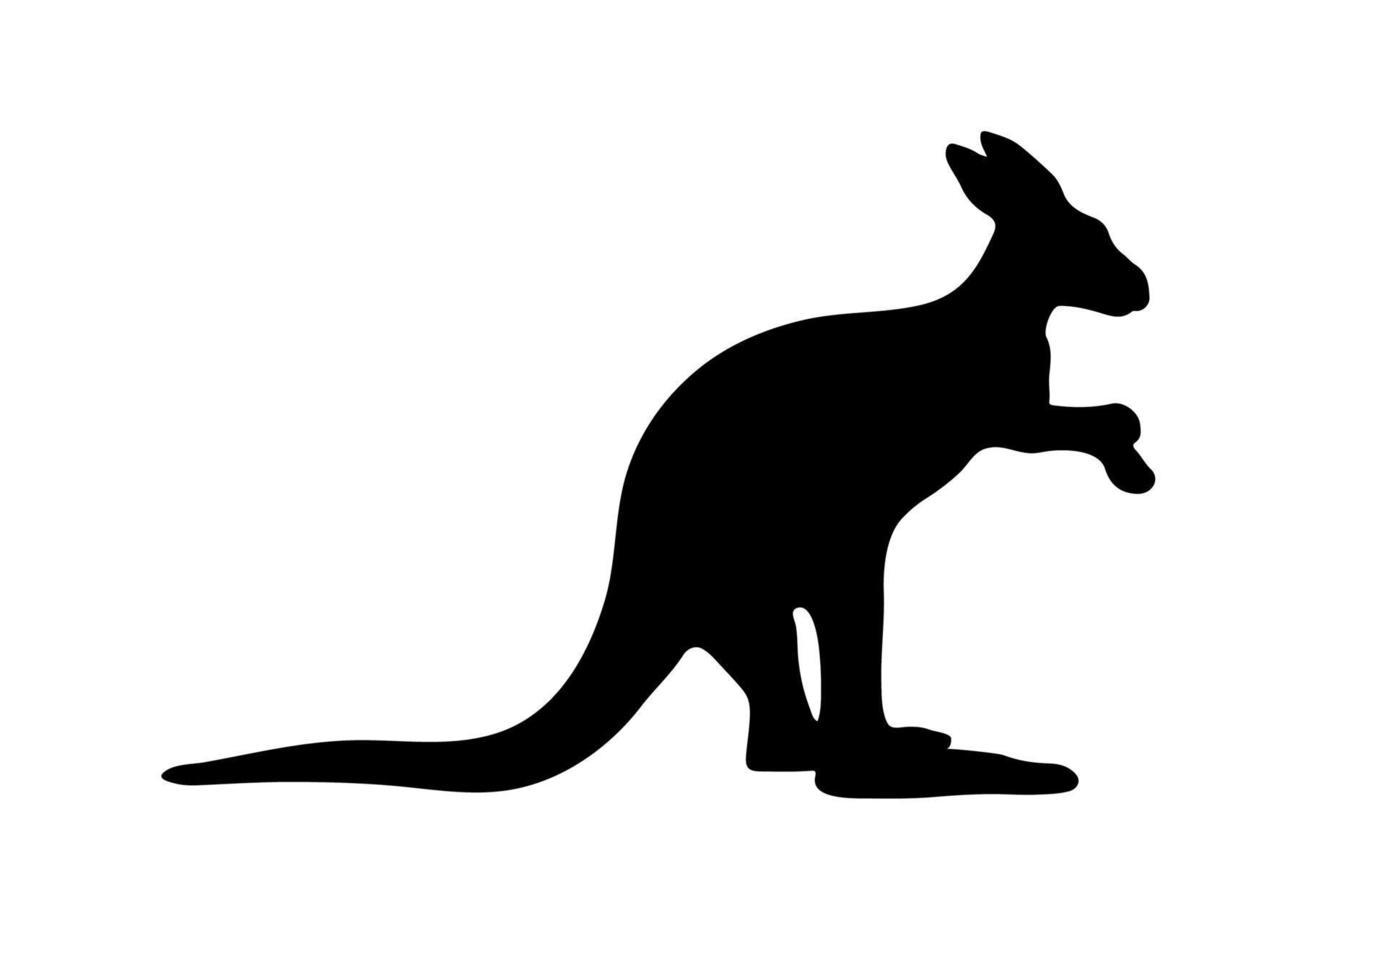 svart silhuett av en australisk känguru på vit bakgrund. vektor